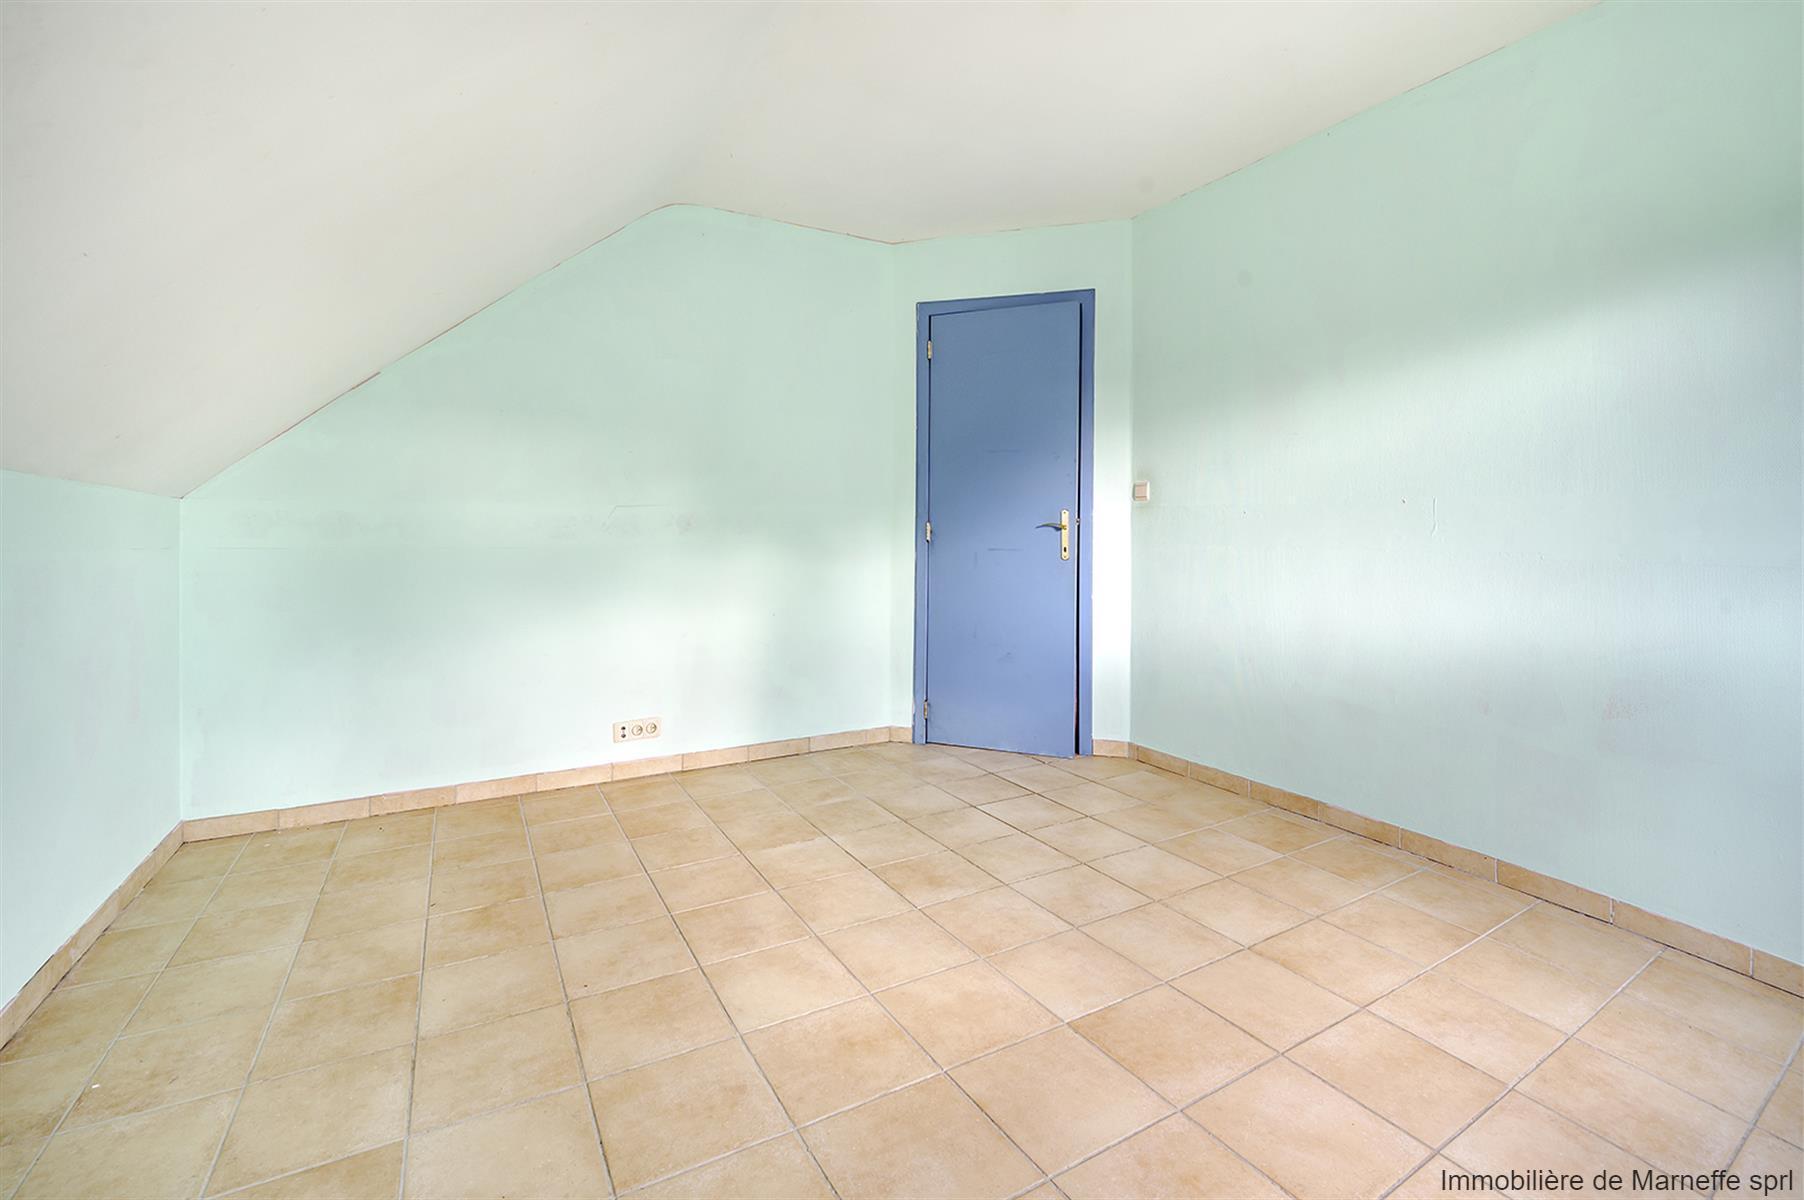 Maison - Villers-le-Bouillet - #4191827-23